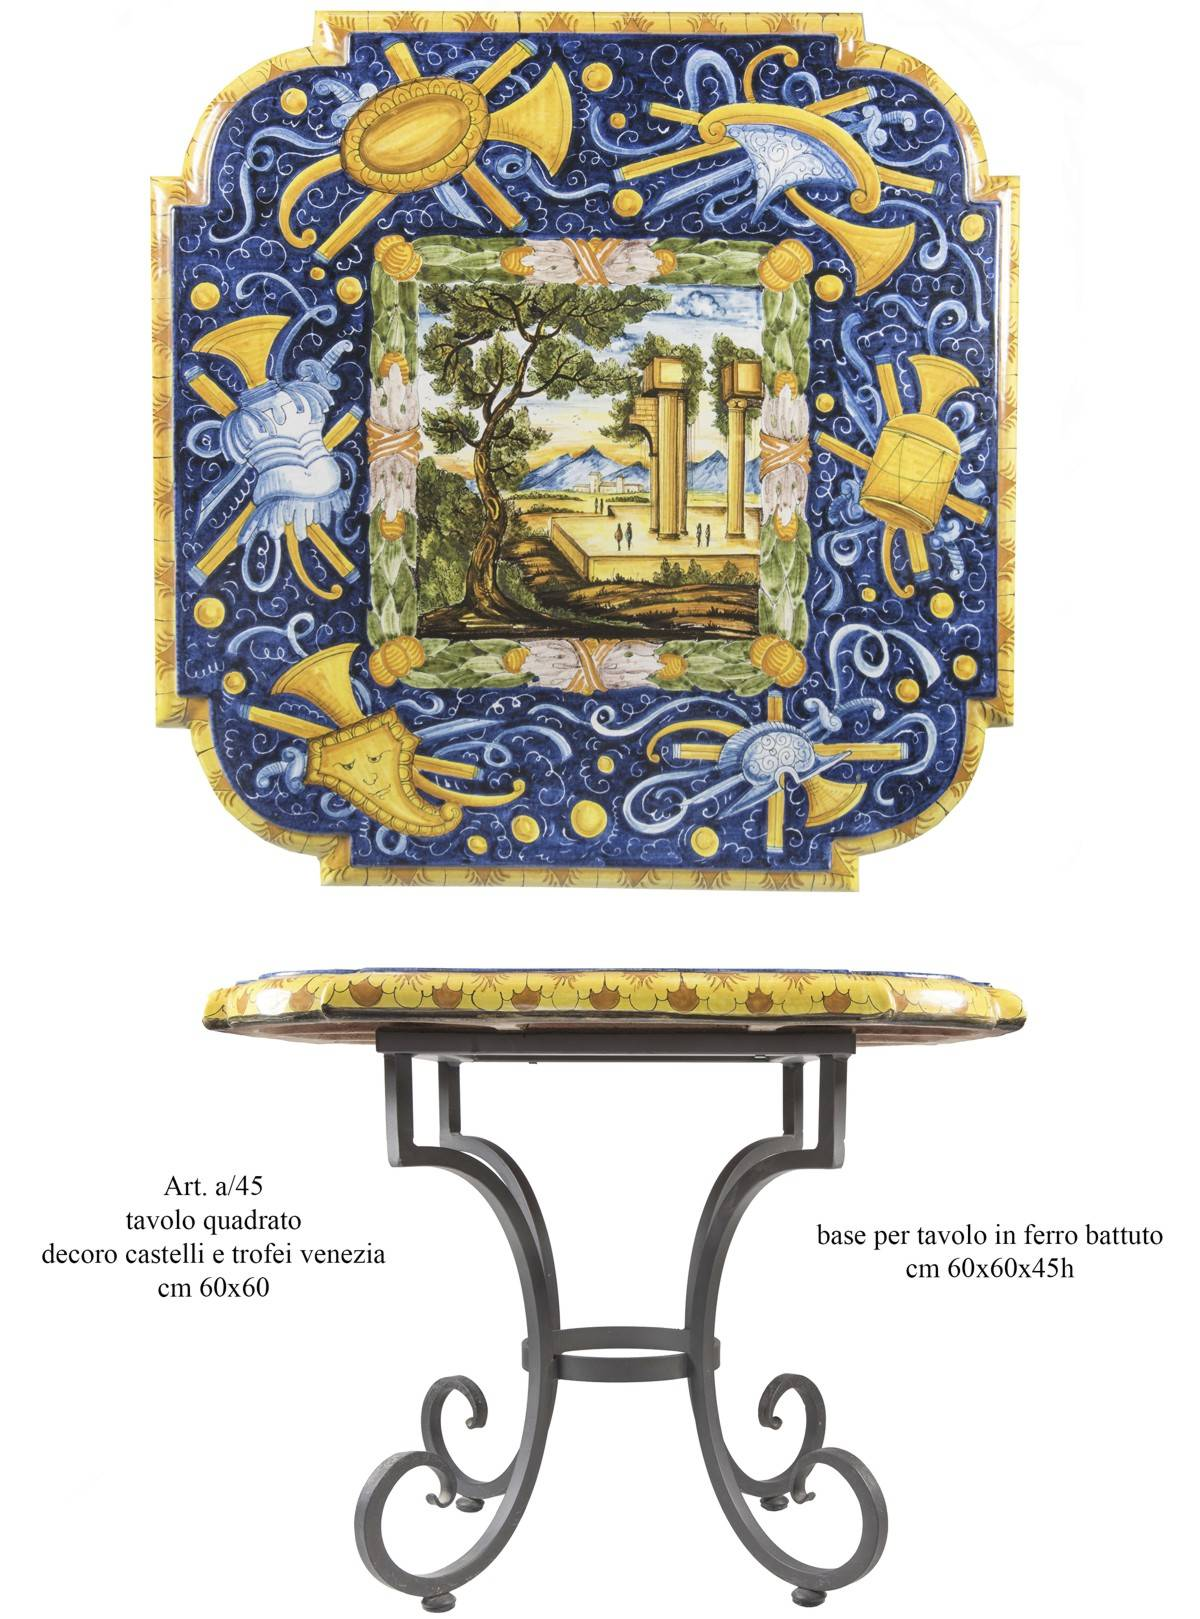 Tavoli Da Giardino Decorati.Tavoli In Ceramica Dipinti A Mano E Ferro Battuto La Chimera